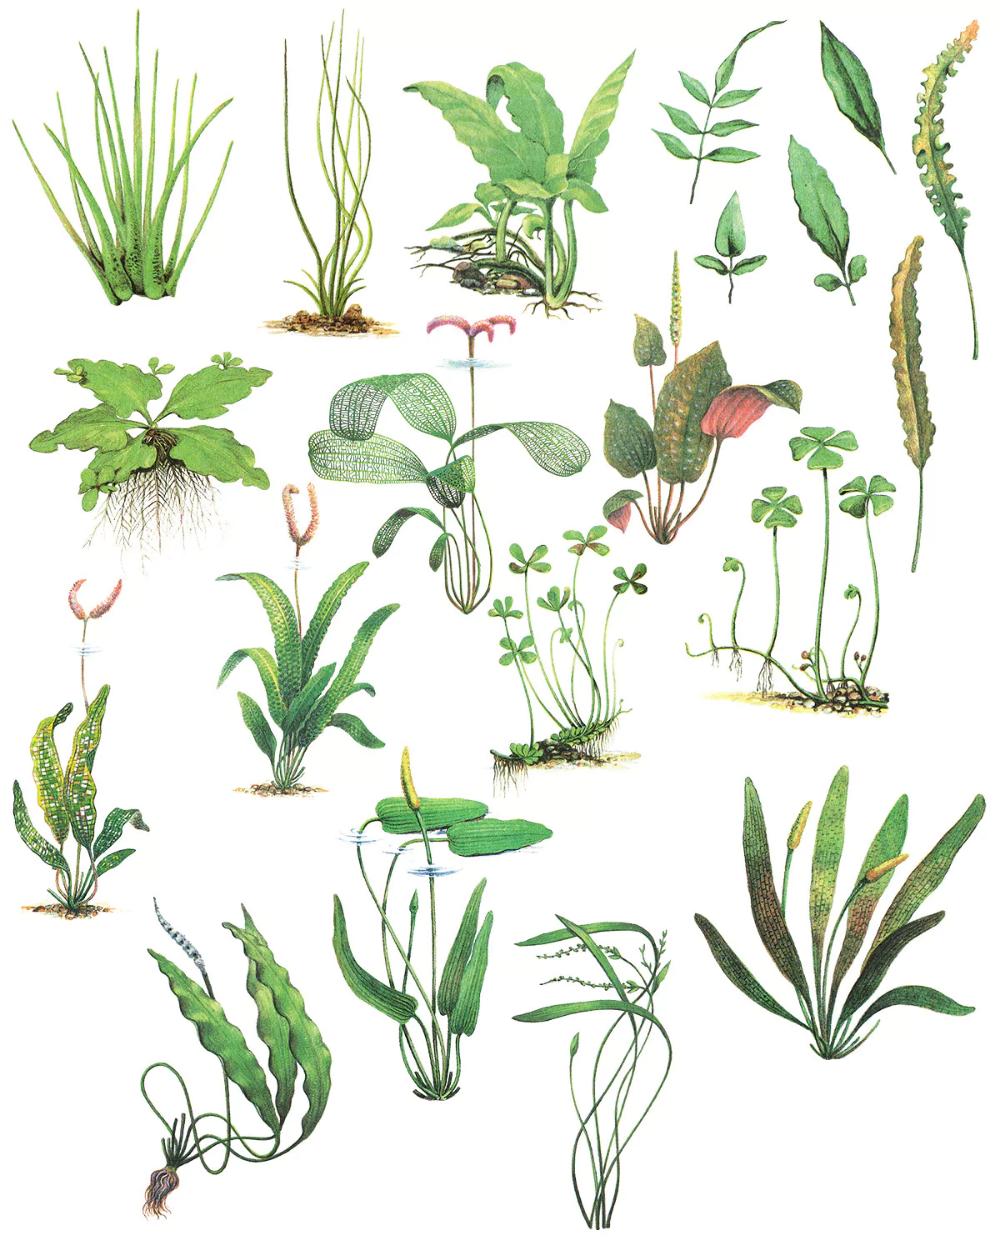 Water Plants Vol 1 De Freezeronmedia En Envato Elements Plantas En Agua Ilustracion Planta Plantillas Para Dibujar